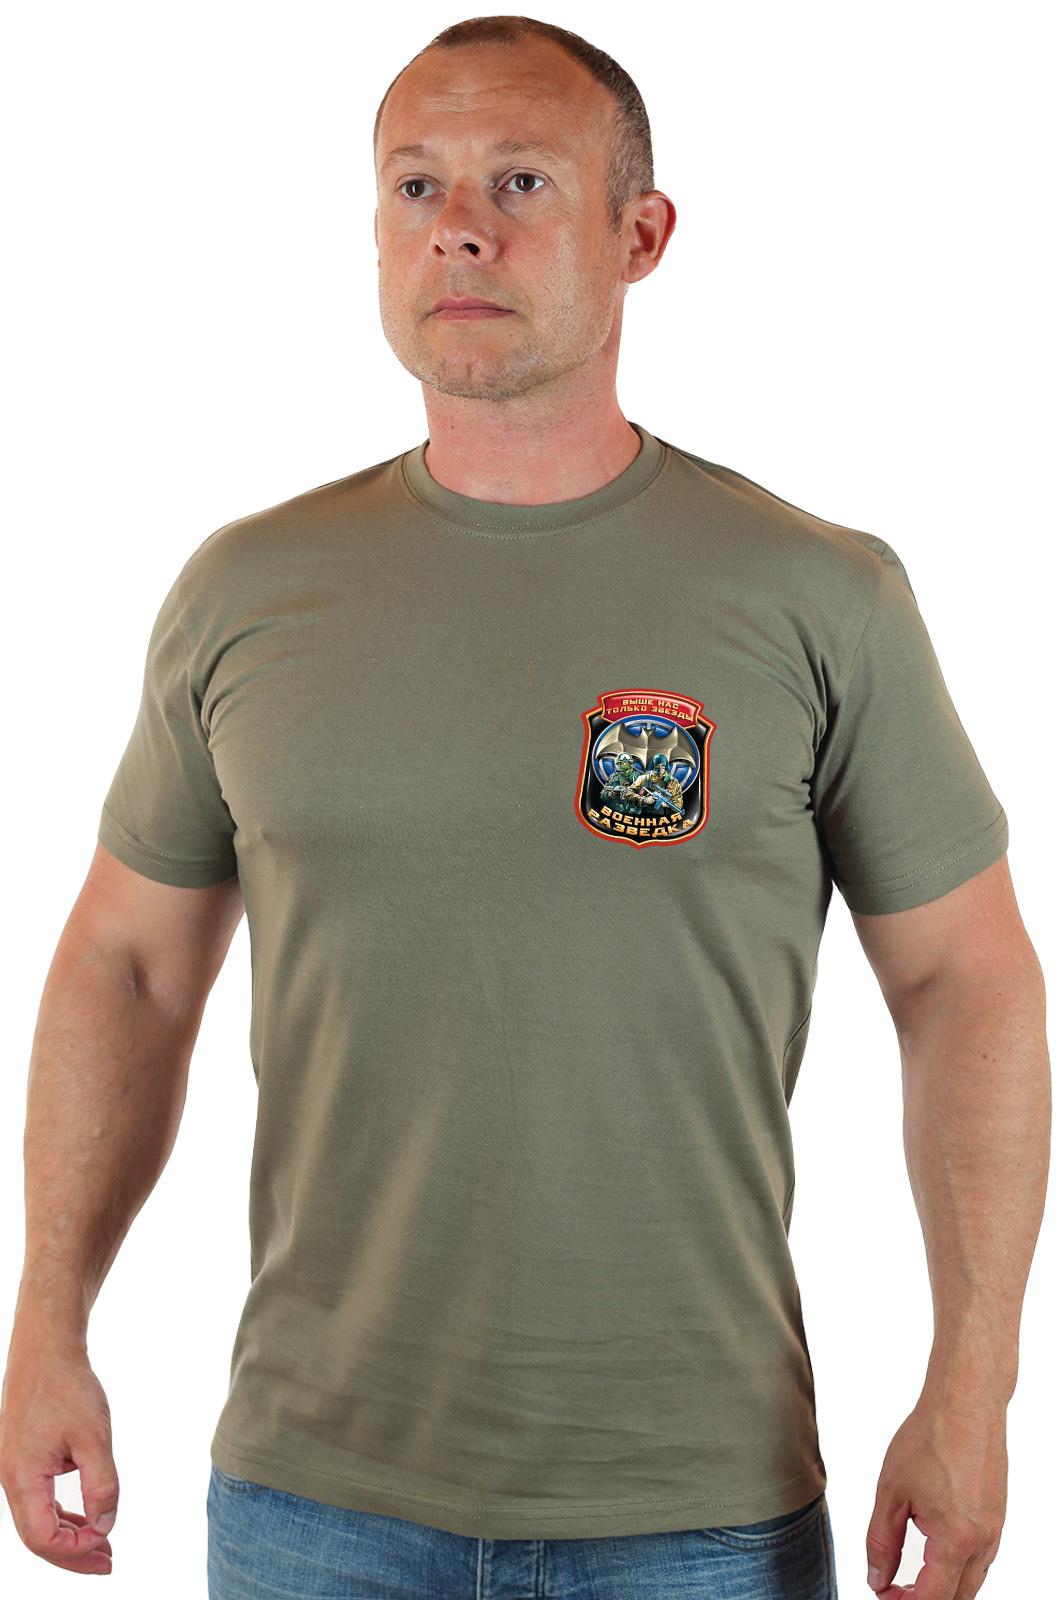 Заказать достойную футболку разведчика по выгодной цене